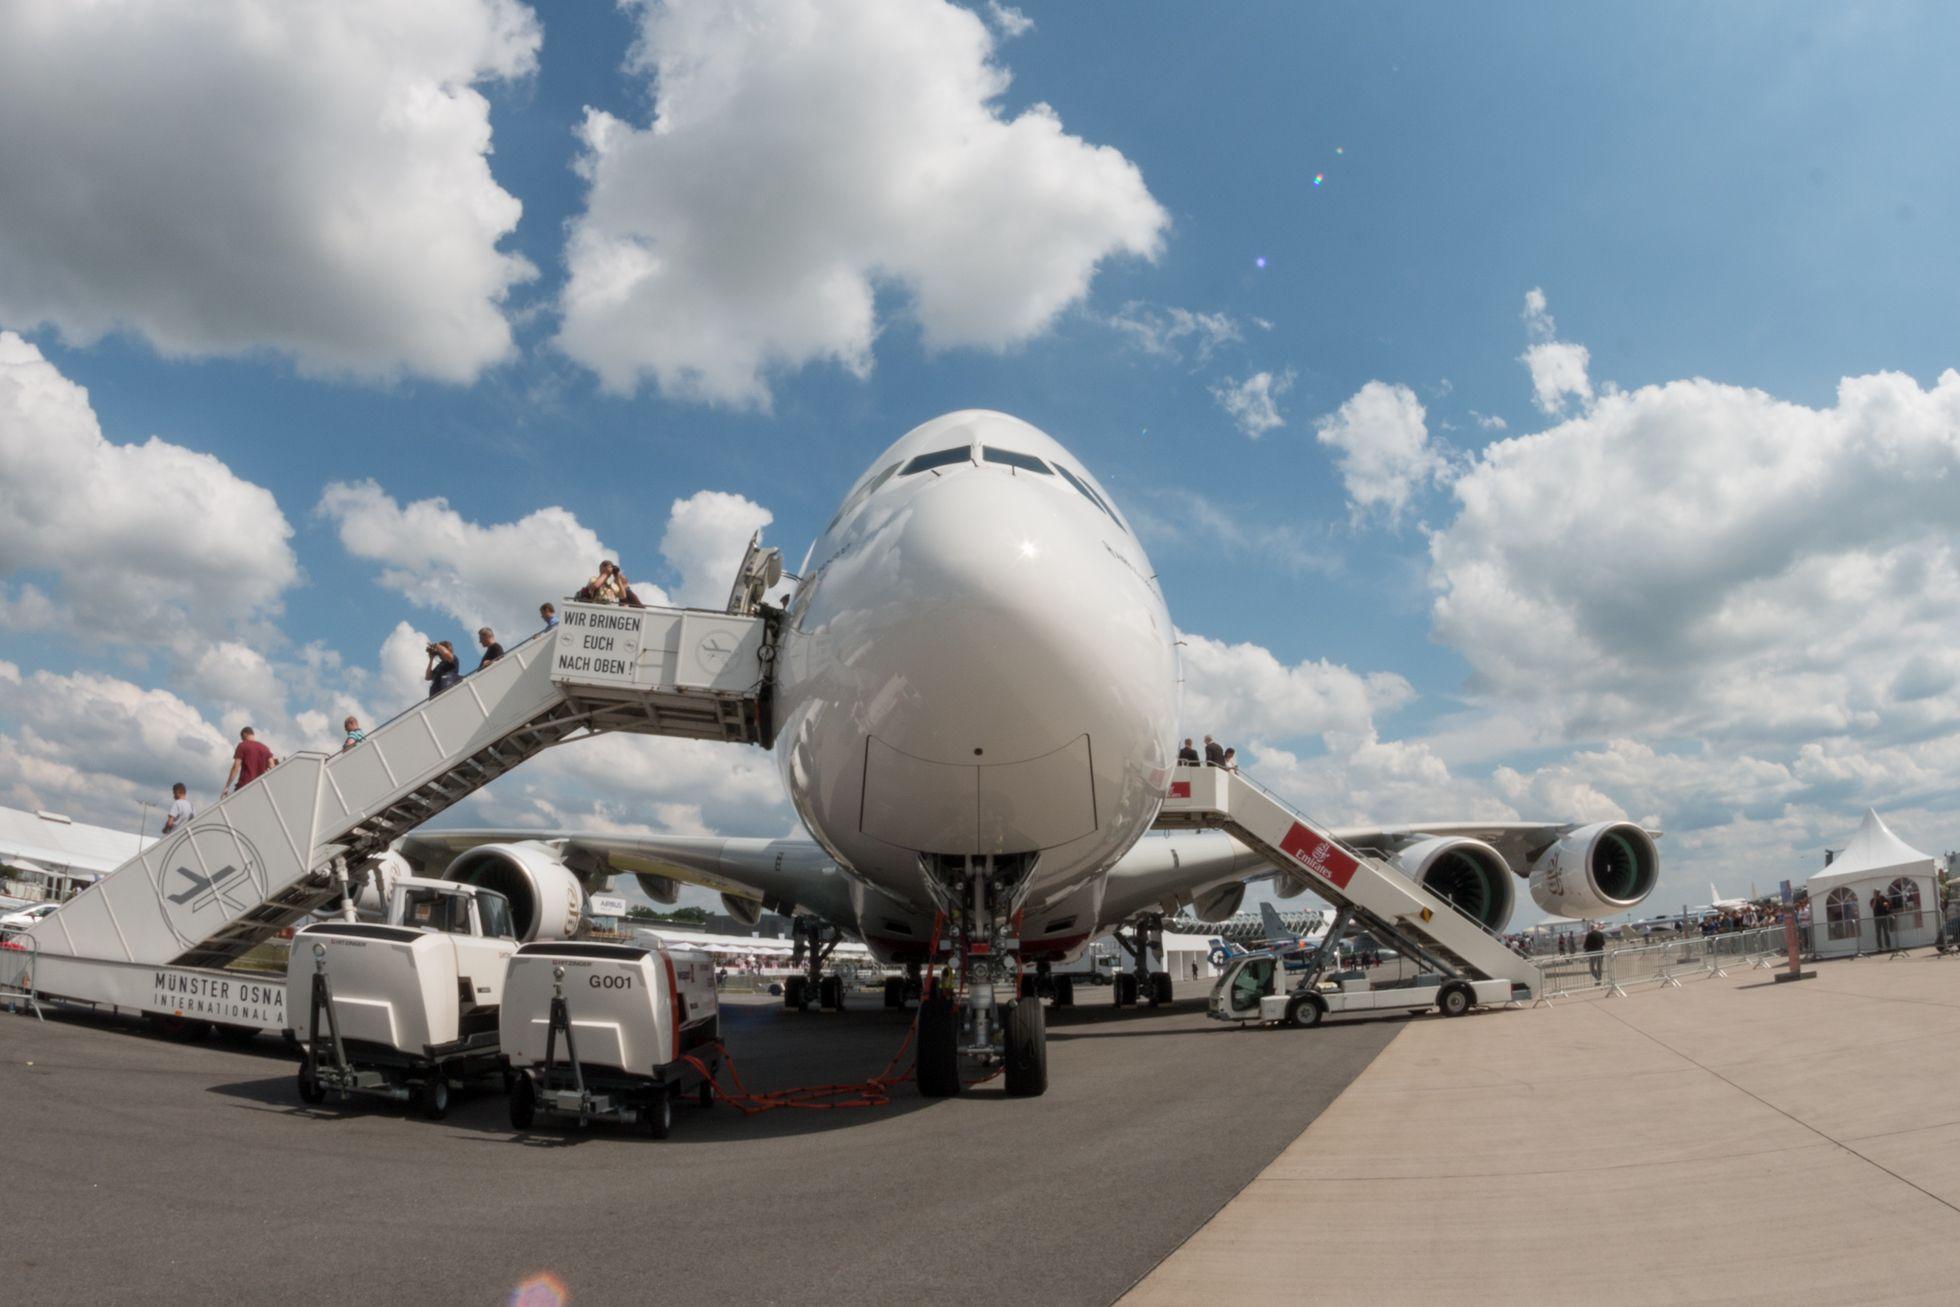 Luftfahrt: Drohnen, Schwerelosigkeit und ein Flieger aus dem 3D-Drucker - Der Airbus A380 auf der Ila 2016: Viele Besucher standen an, um das Flugzeug von innen zu sehen. (Foto: Werner Pluta/Golem.de)